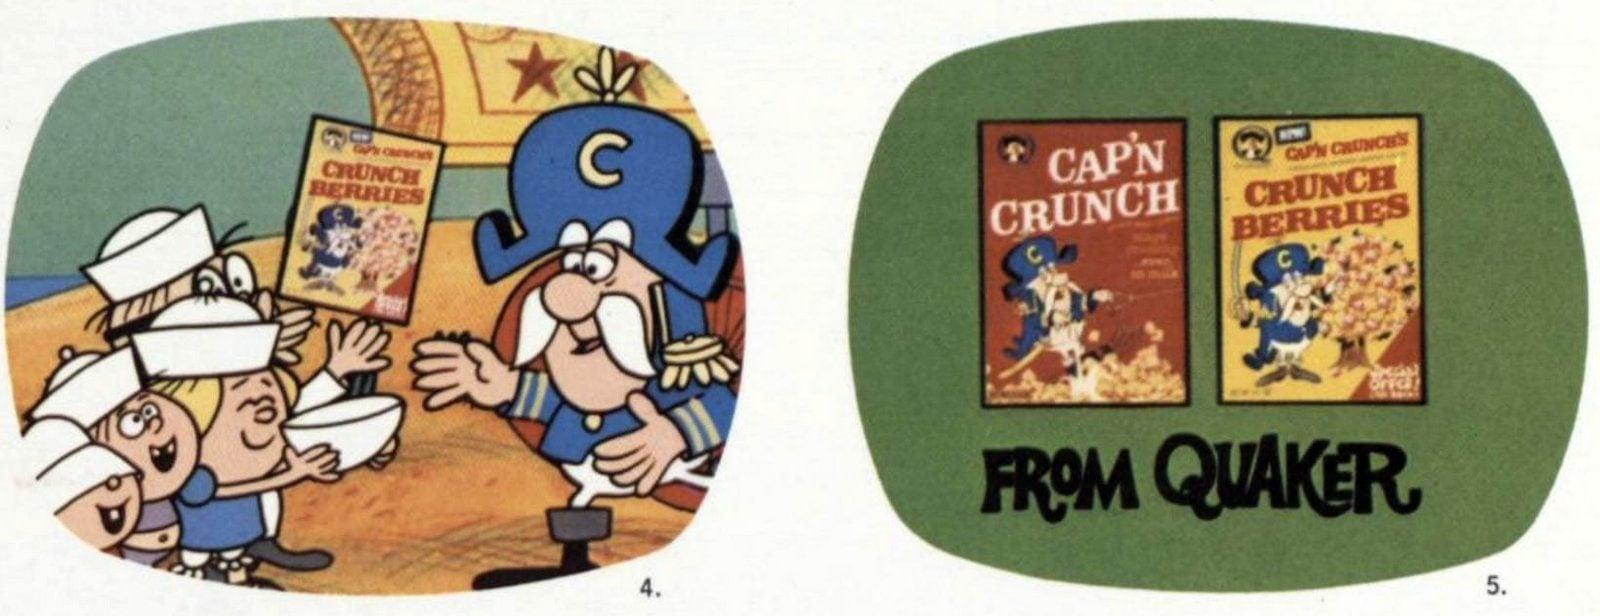 Cap'N Crunch cereals and Crunch Berries (c1970)